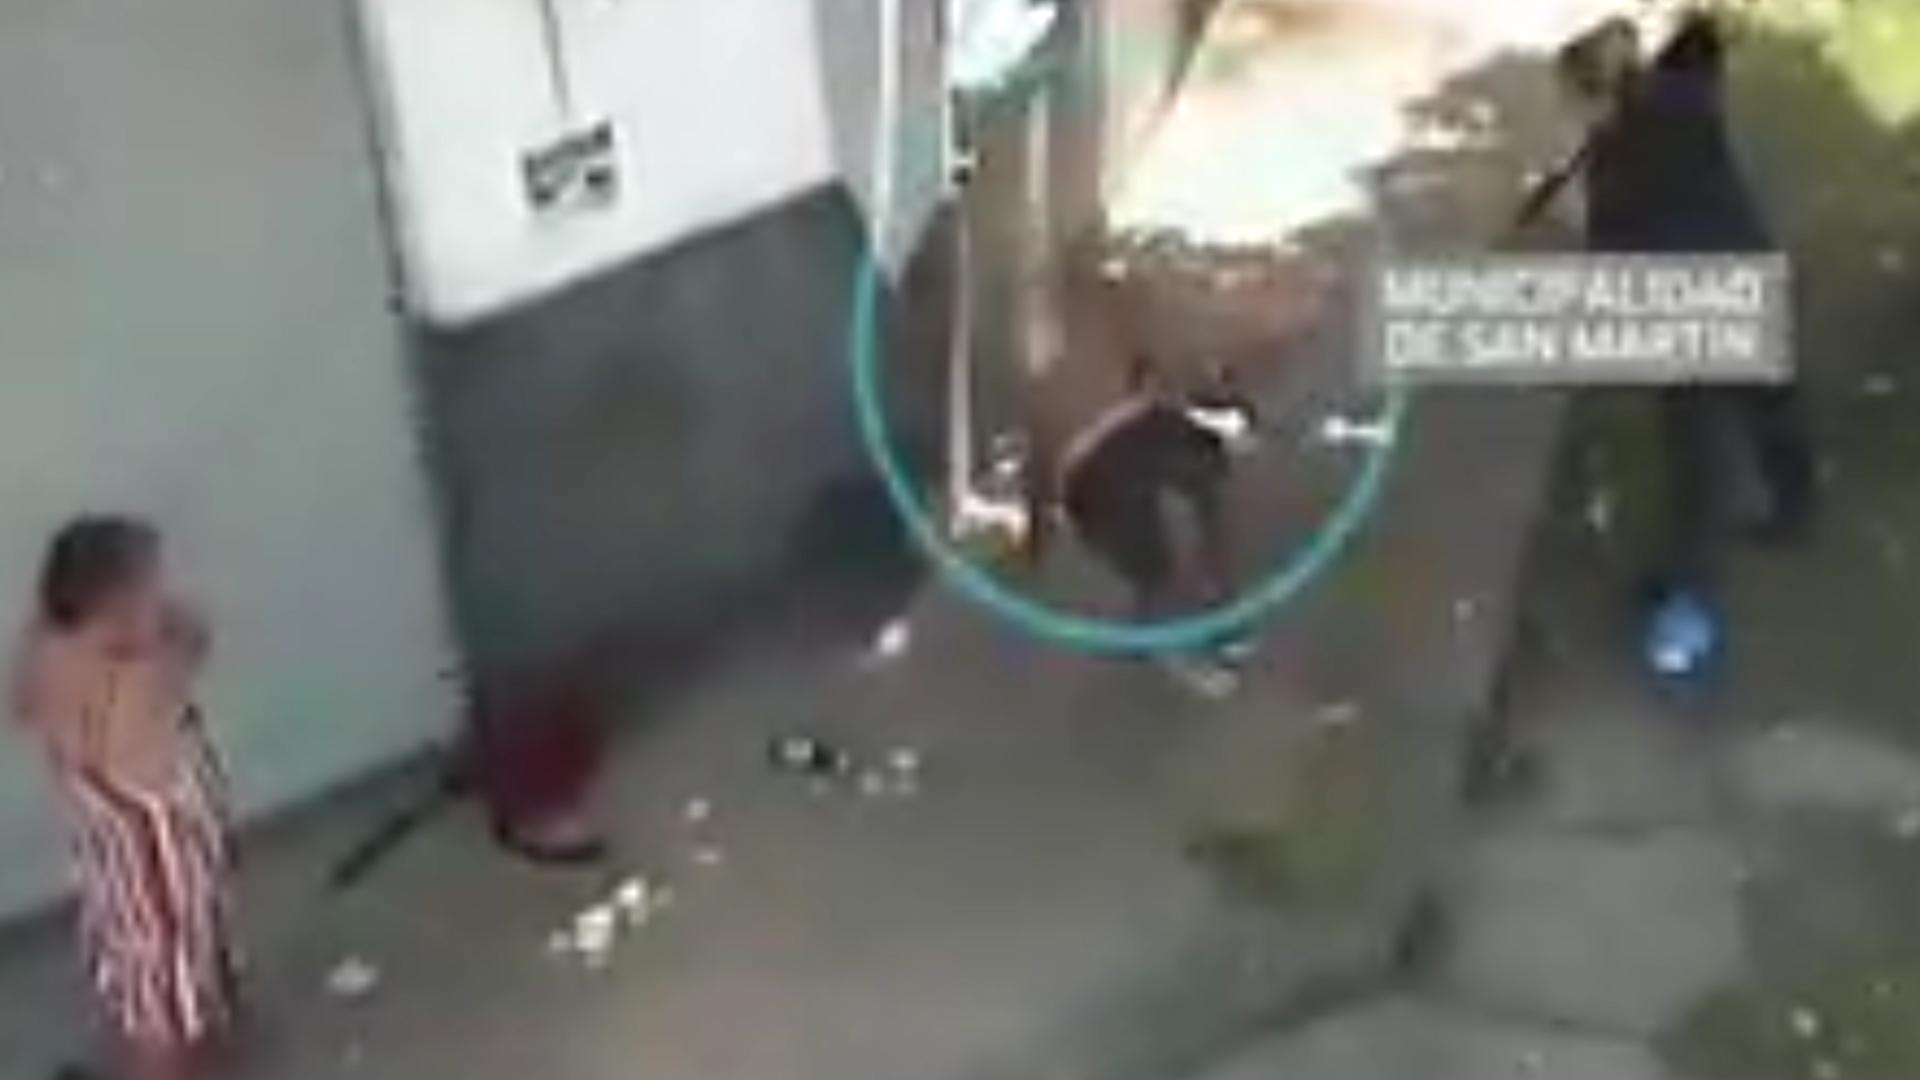 La policía logró reducir y detener al agresor